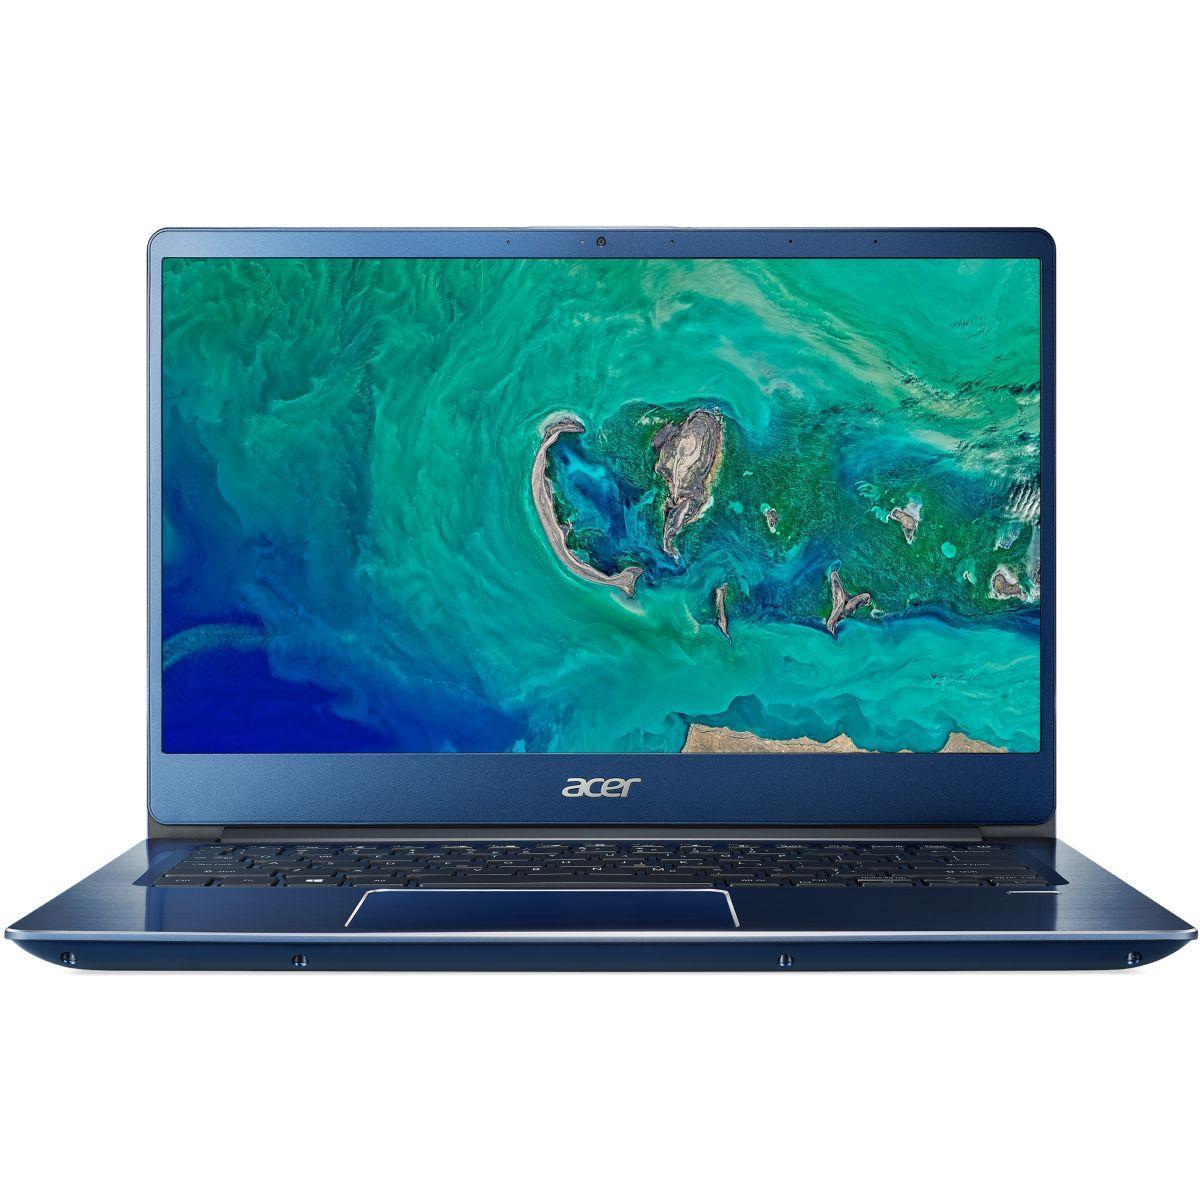 Ordinateur portable acer swift sf314-54-56m5 bleu - 5% de remise imm�diate avec le code : automne5 (photo)